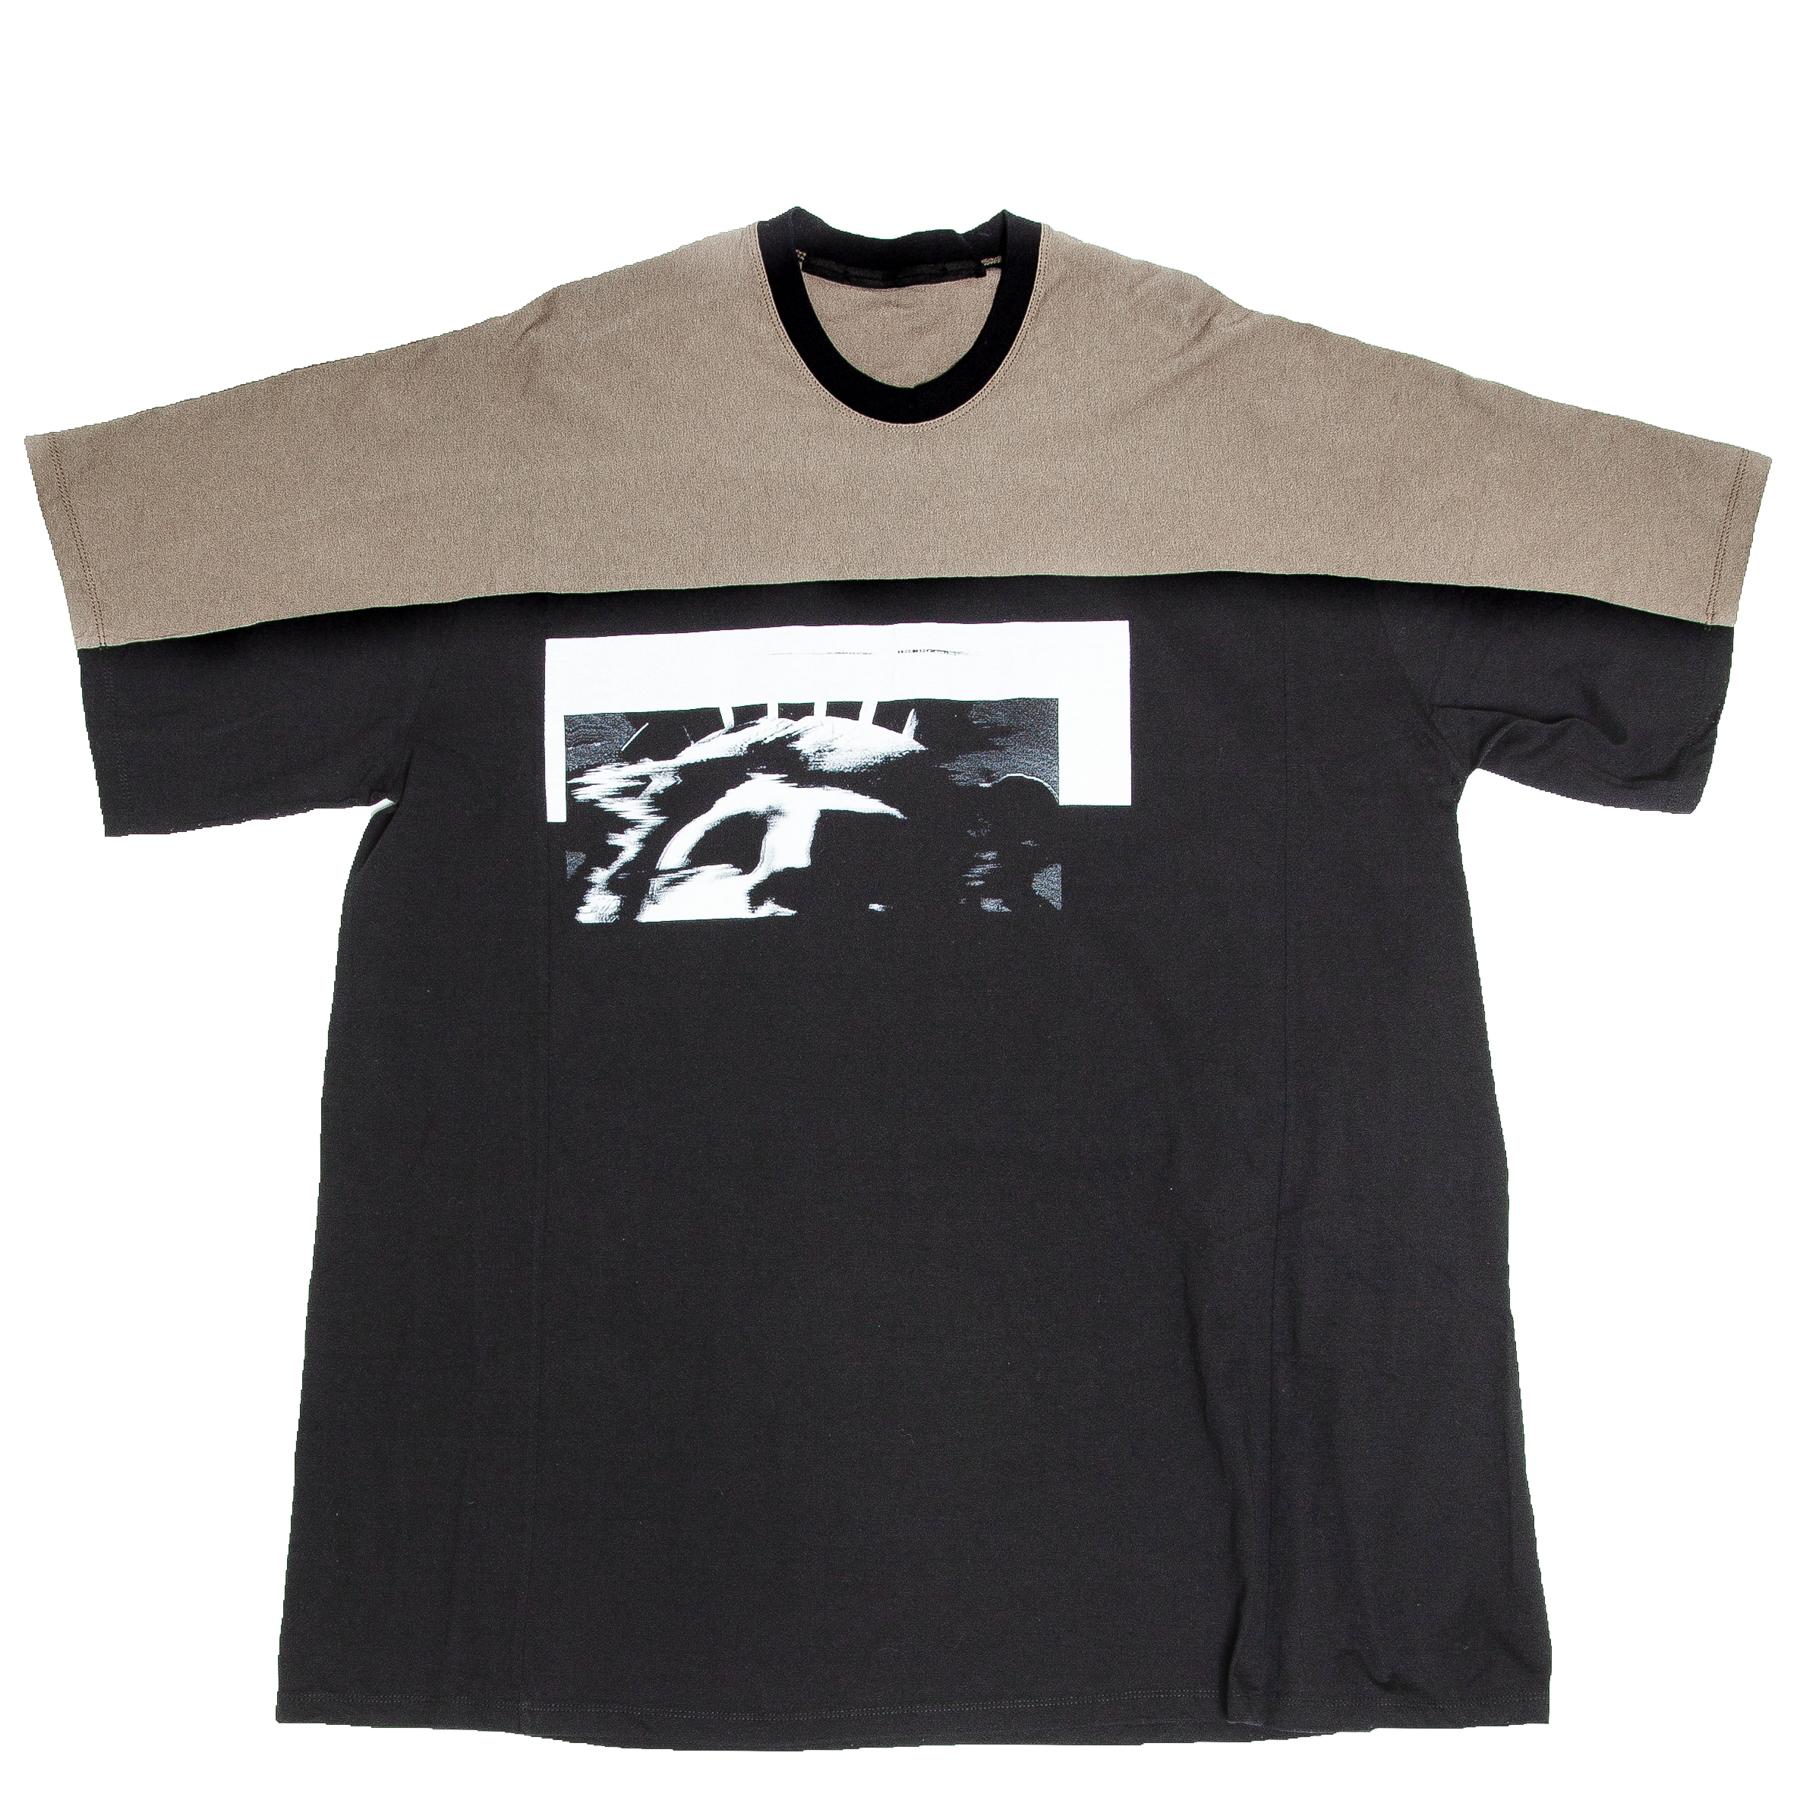 617CPM20-KHAKI / S.O.L. ビッグT-シャツ